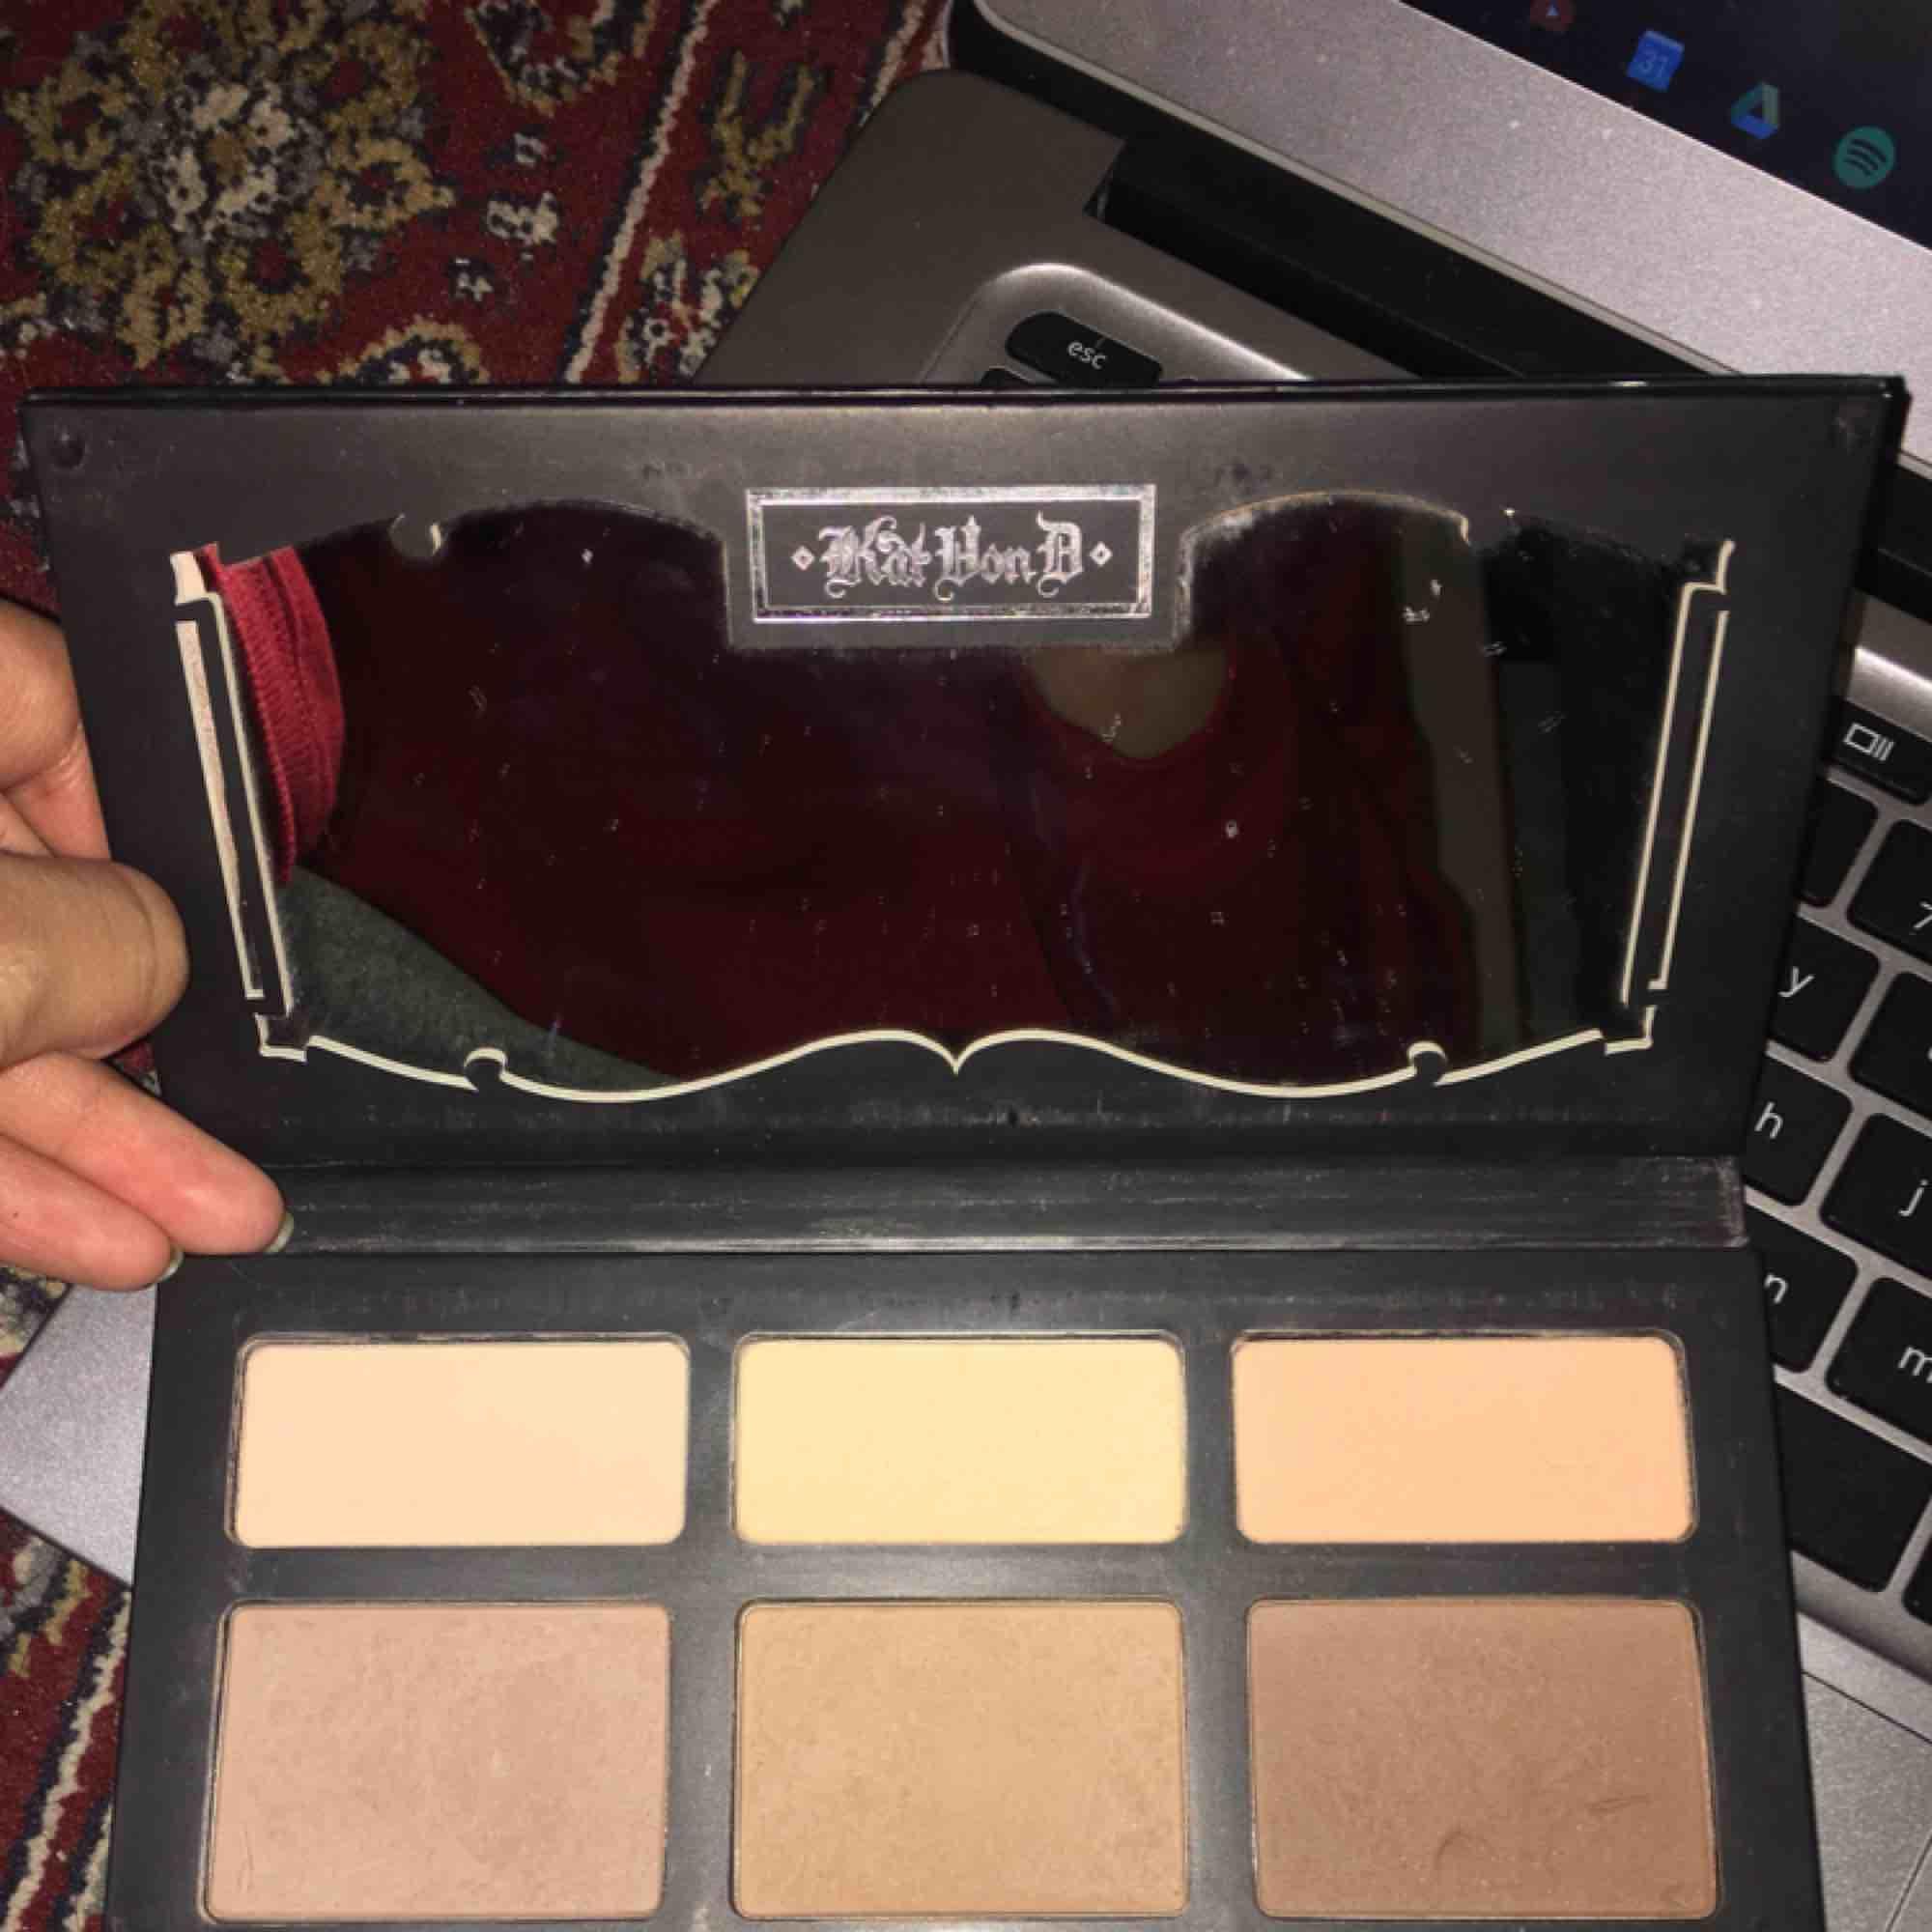 Kat Von D face palette. Använd några gånger men har redan ett annat palette som jag använder. Den är matt. Säljer den för 150kr inkl frakt. Köpt för 500kr. Övrigt.